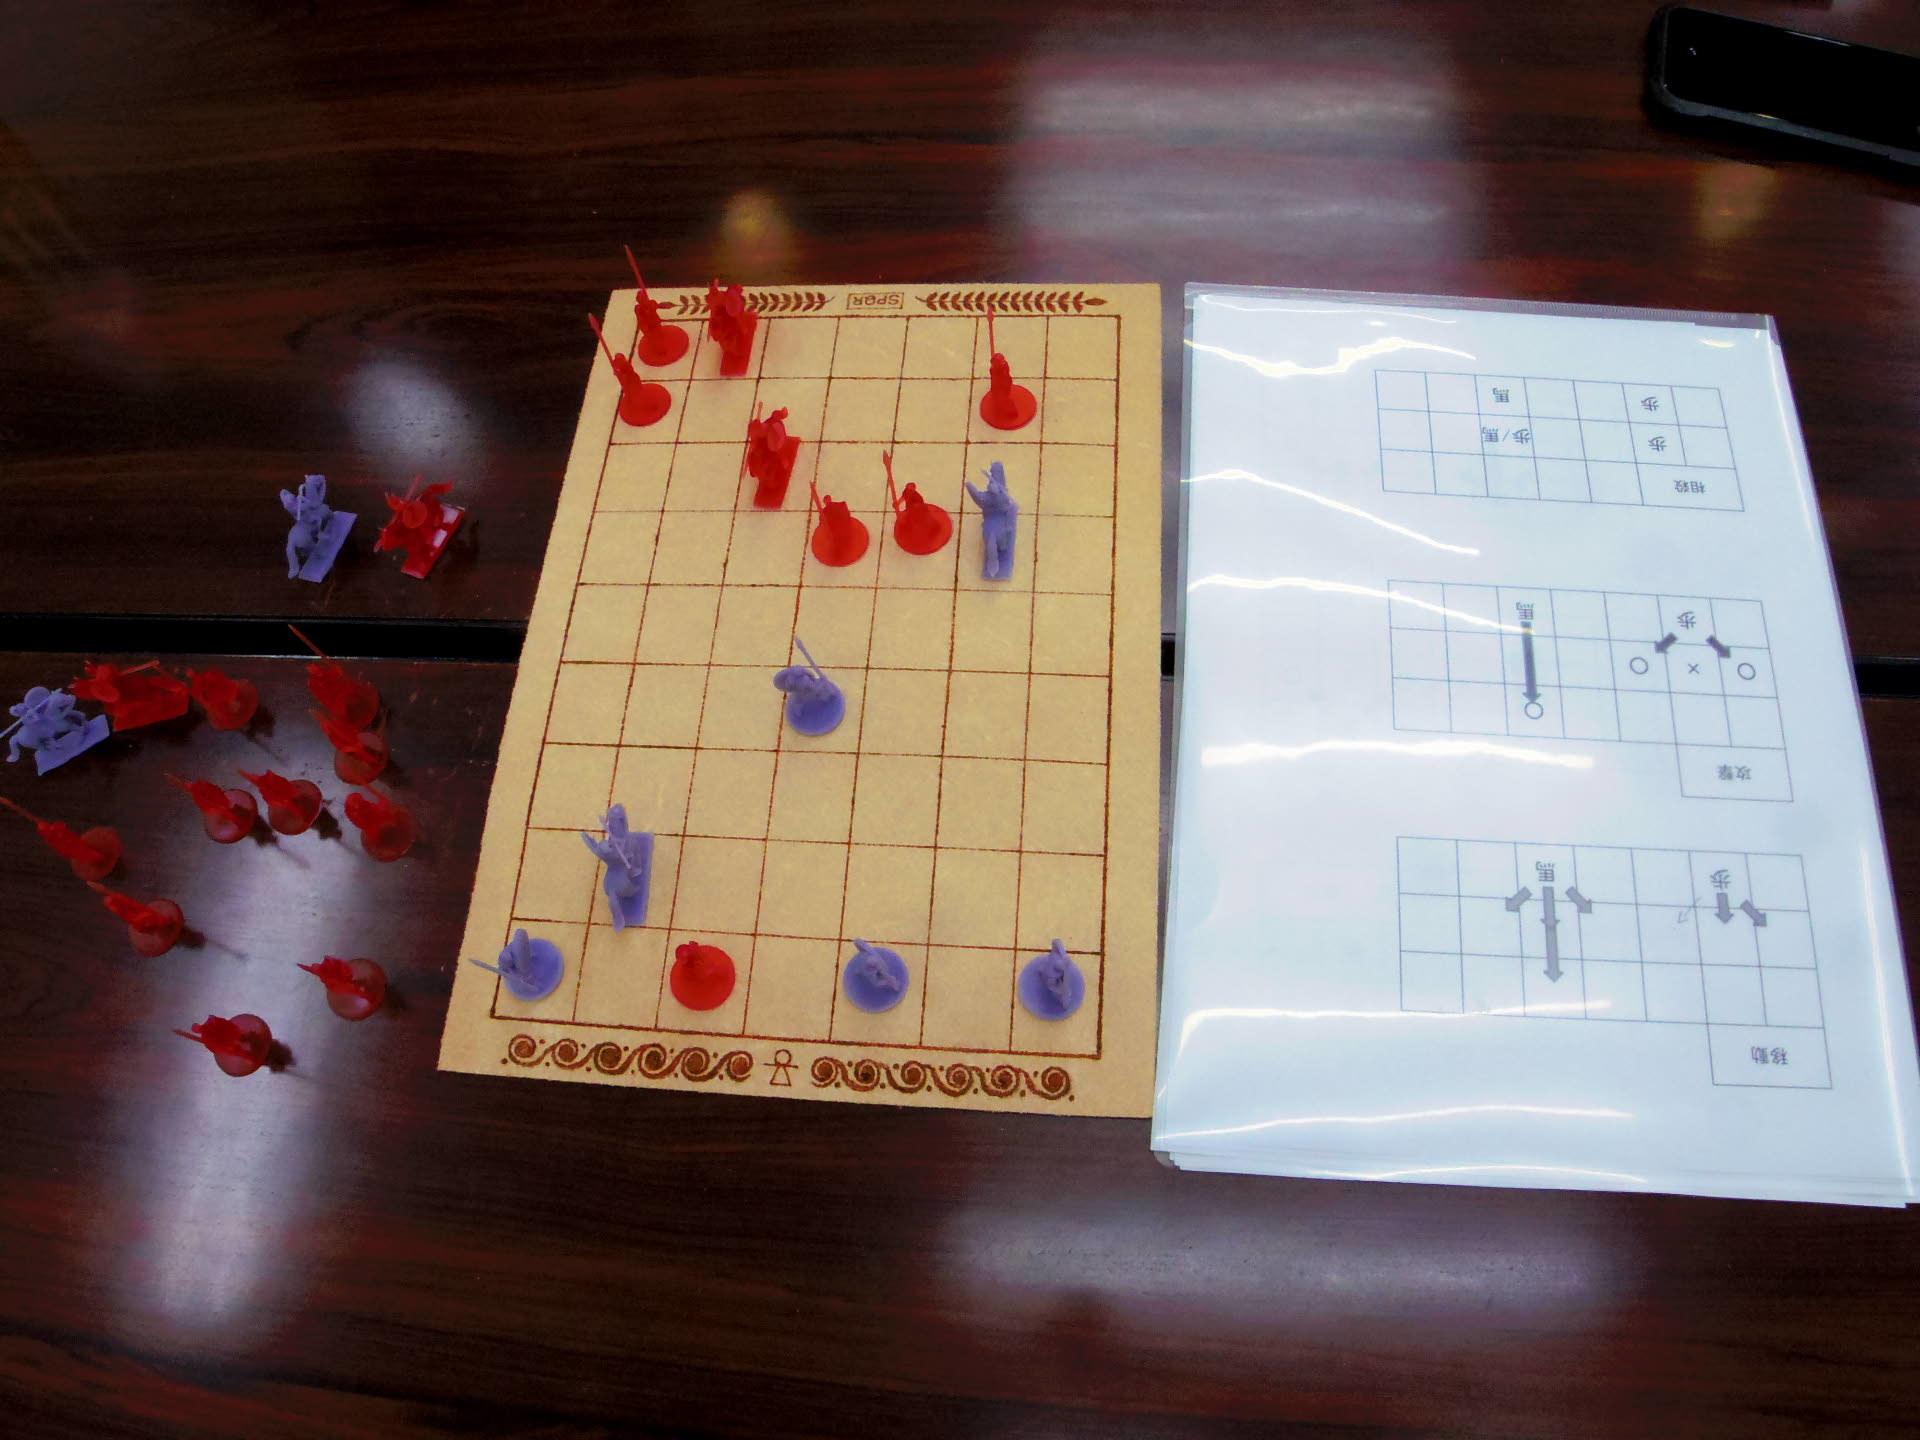 〔堀場工房〕謹製 『古代兵棋』の初お目見えは11月14日のゲームマーケットにて(転売対策で逐次受注通販予定とのこと)_b0173672_21354983.jpg